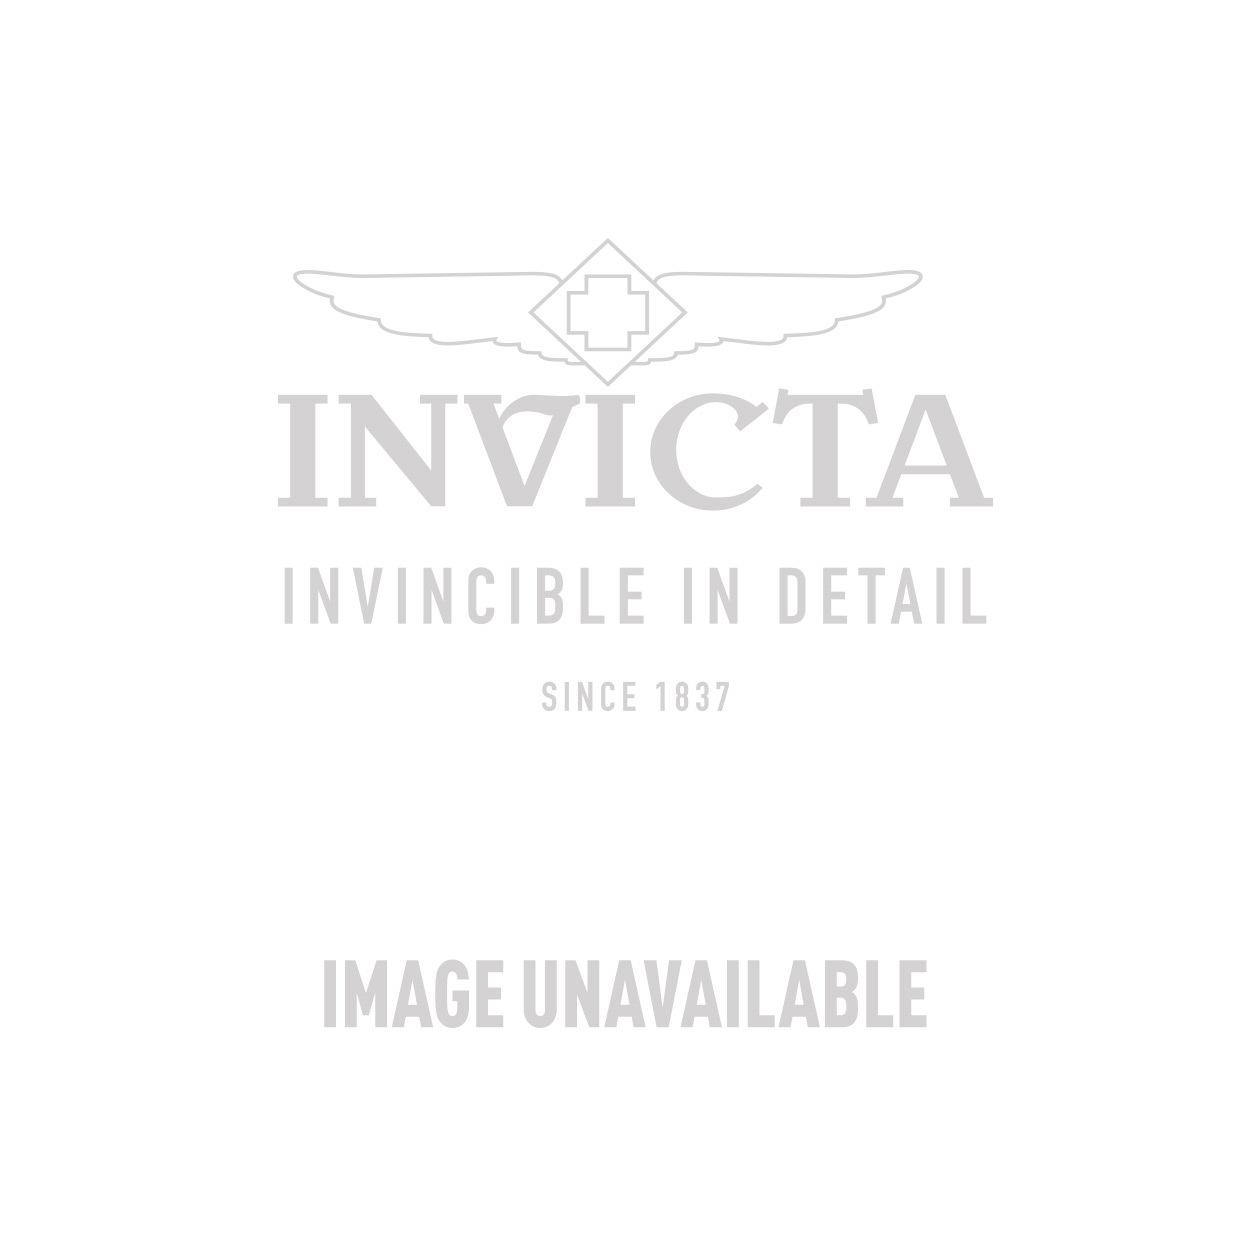 Invicta Model 29085